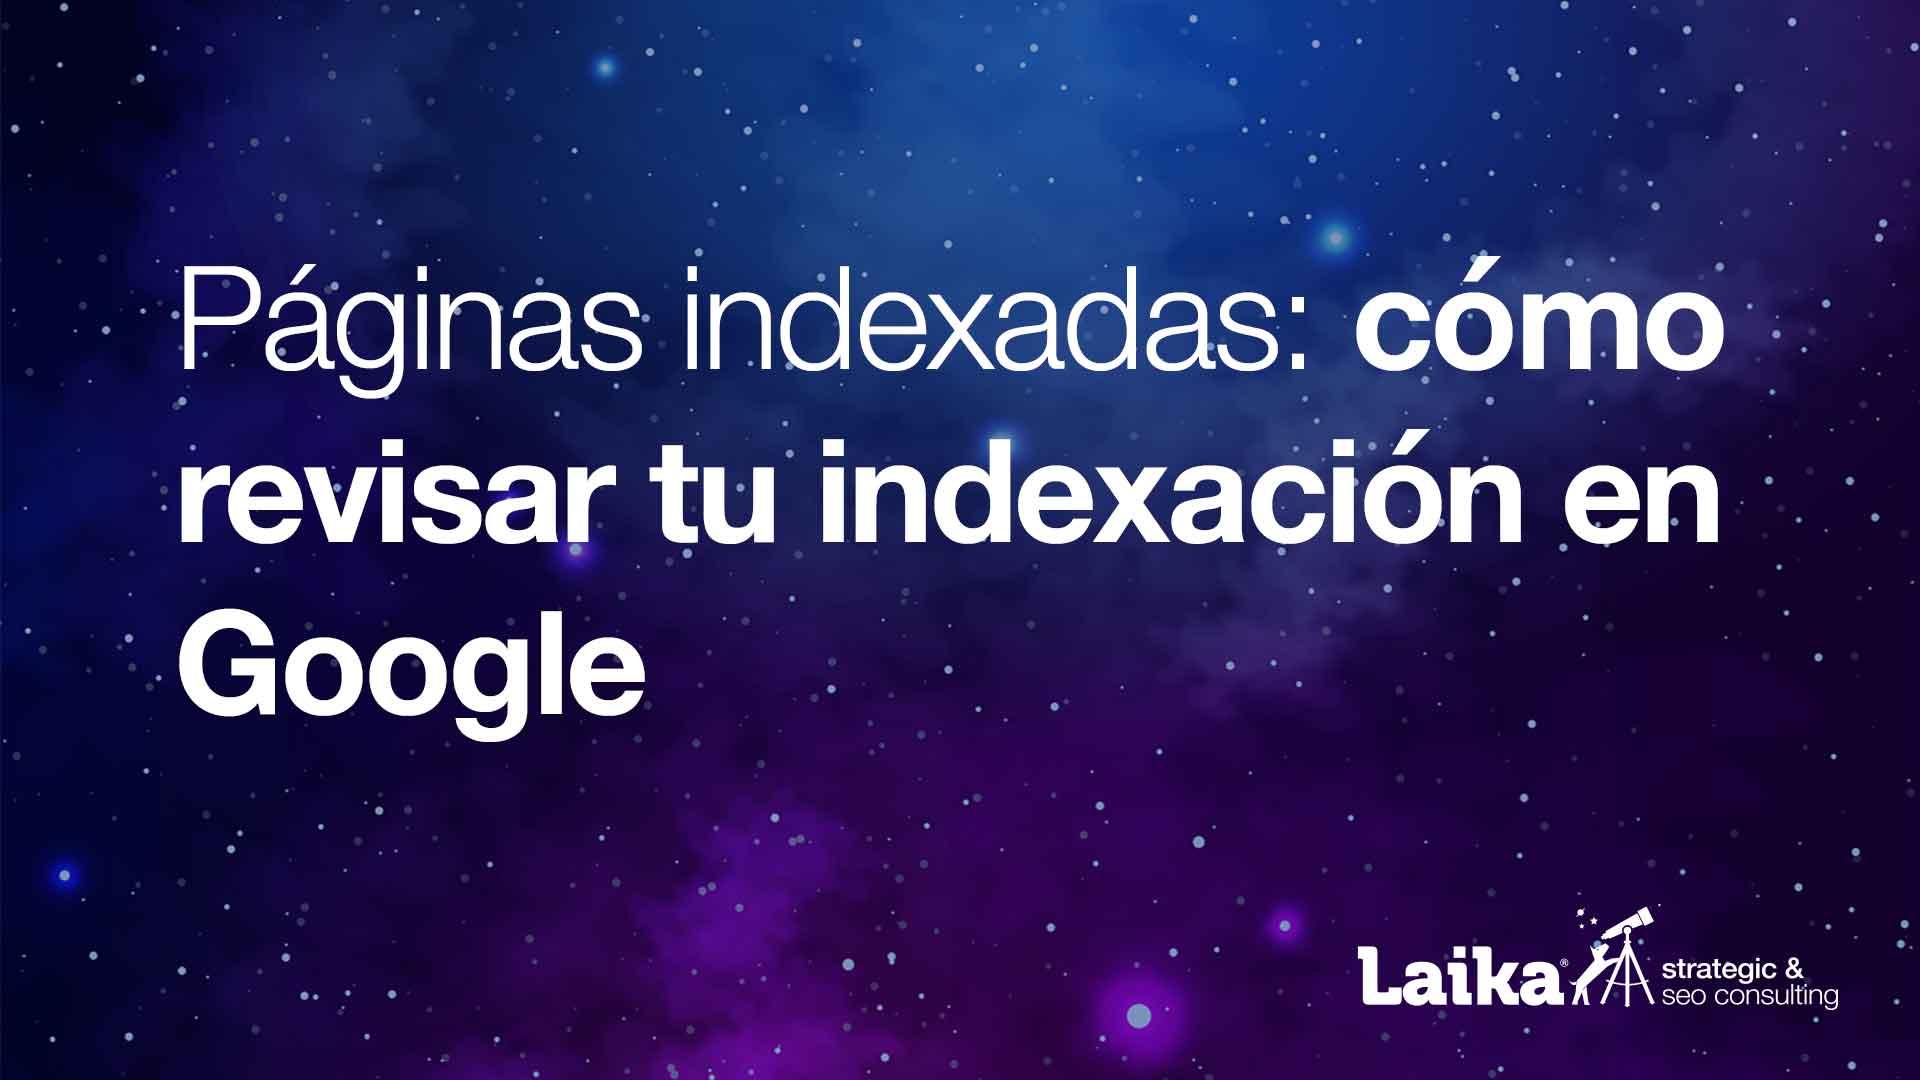 Páginas Indexadas: cómo revisar tu indexación en Google